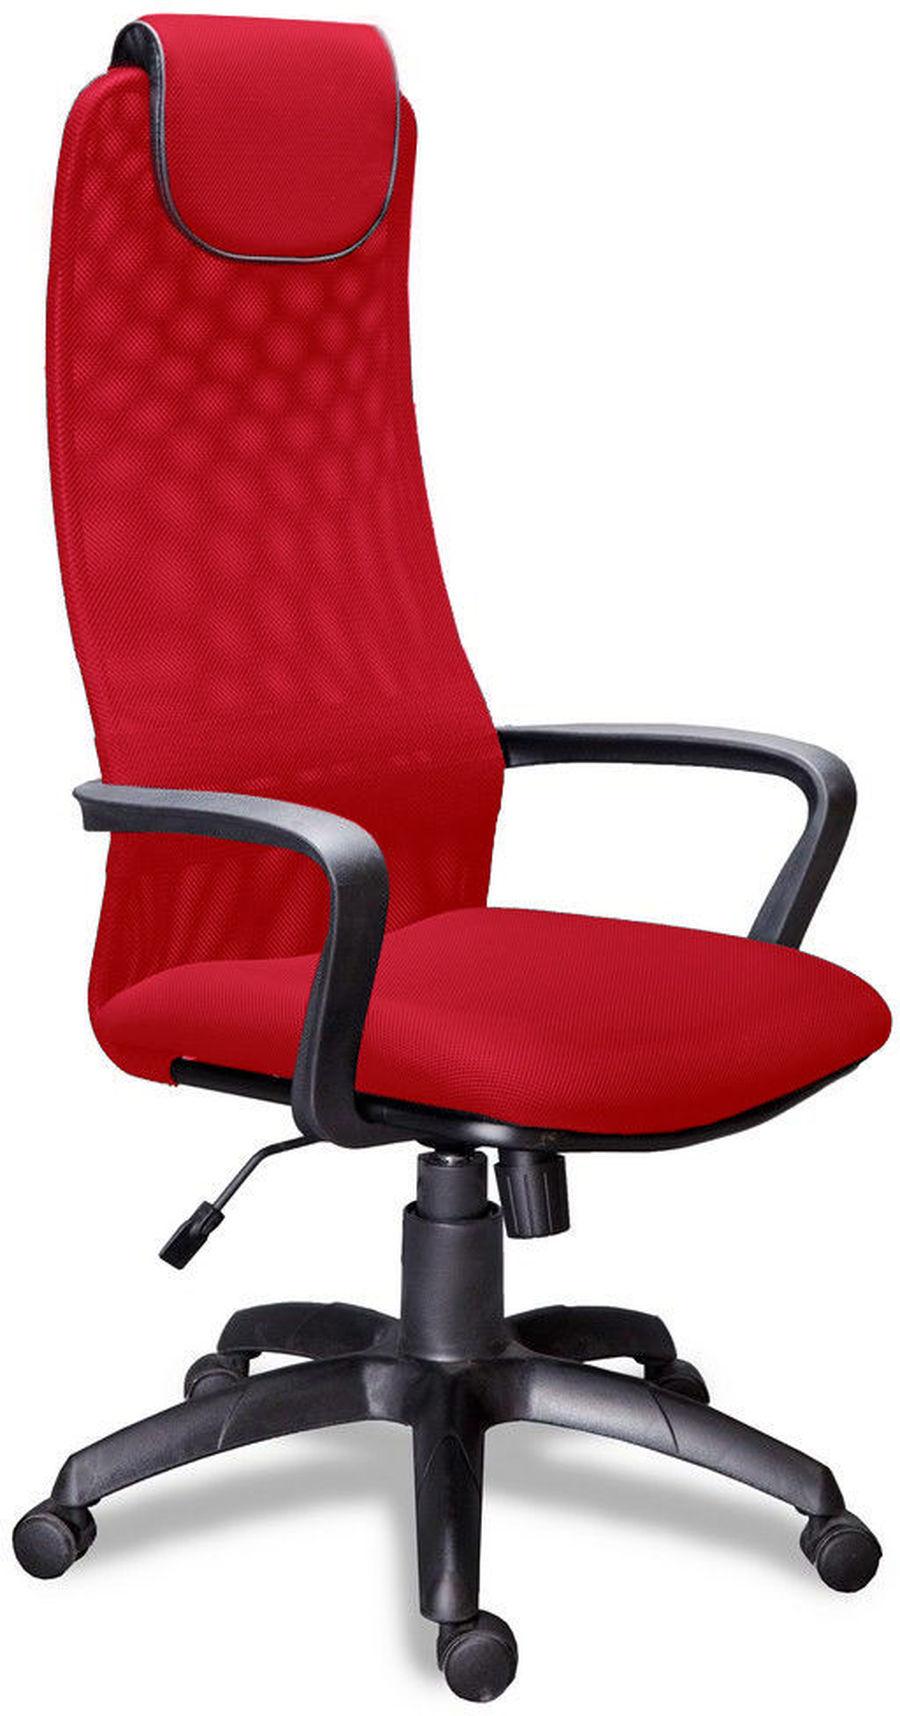 Компьютерное кресло Фокс PL/Ткань сетка красная